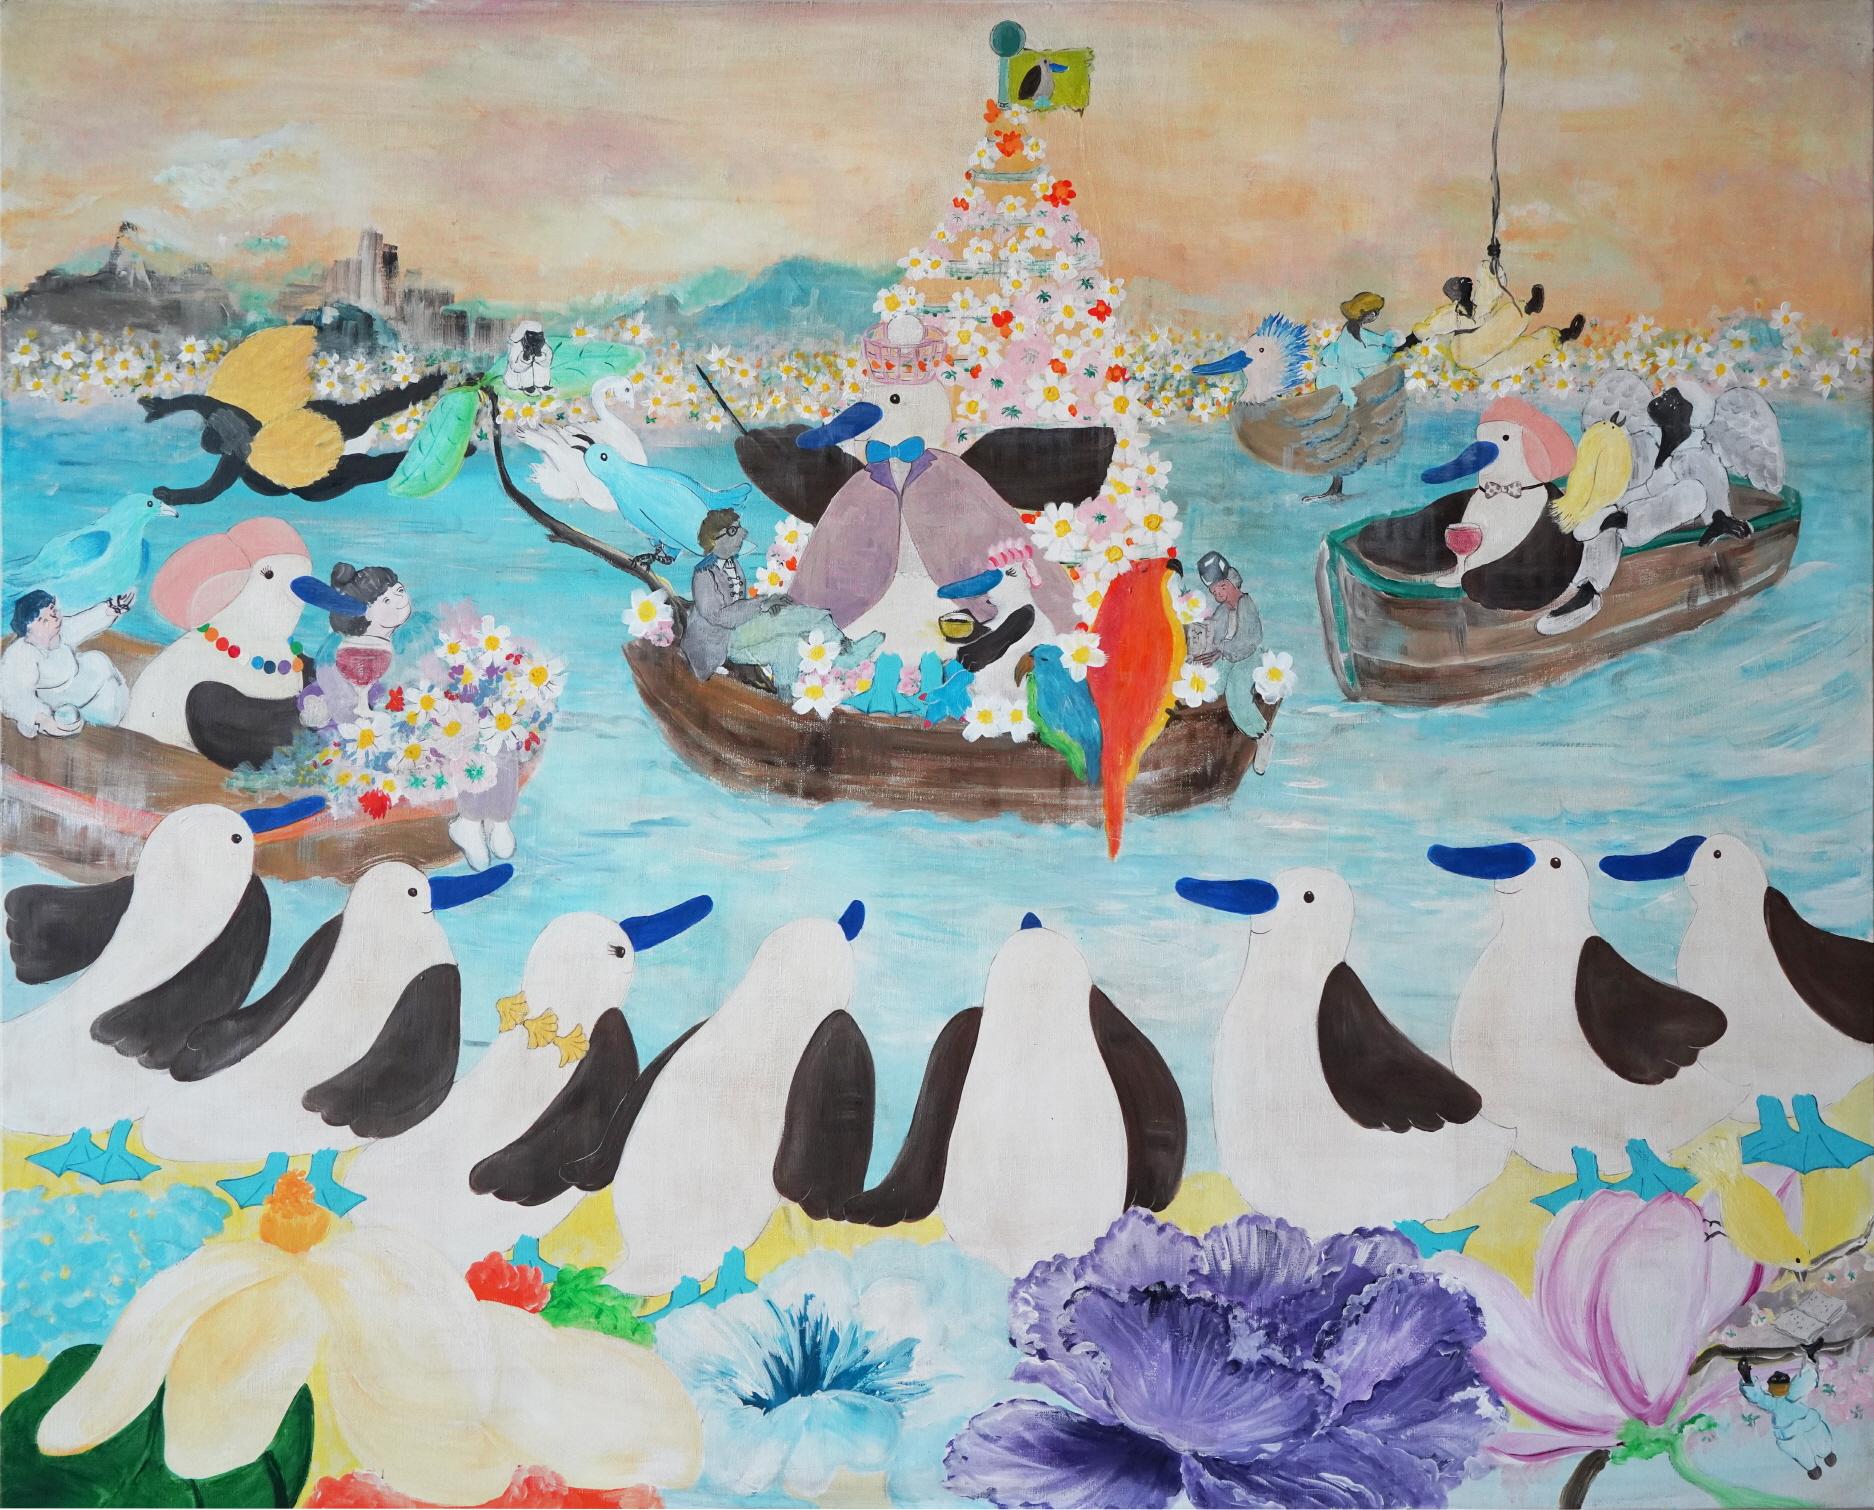 윤정원, 쾌락의 노래 ll, 130x180cm, Acrylic on canvas, 2020.jpg